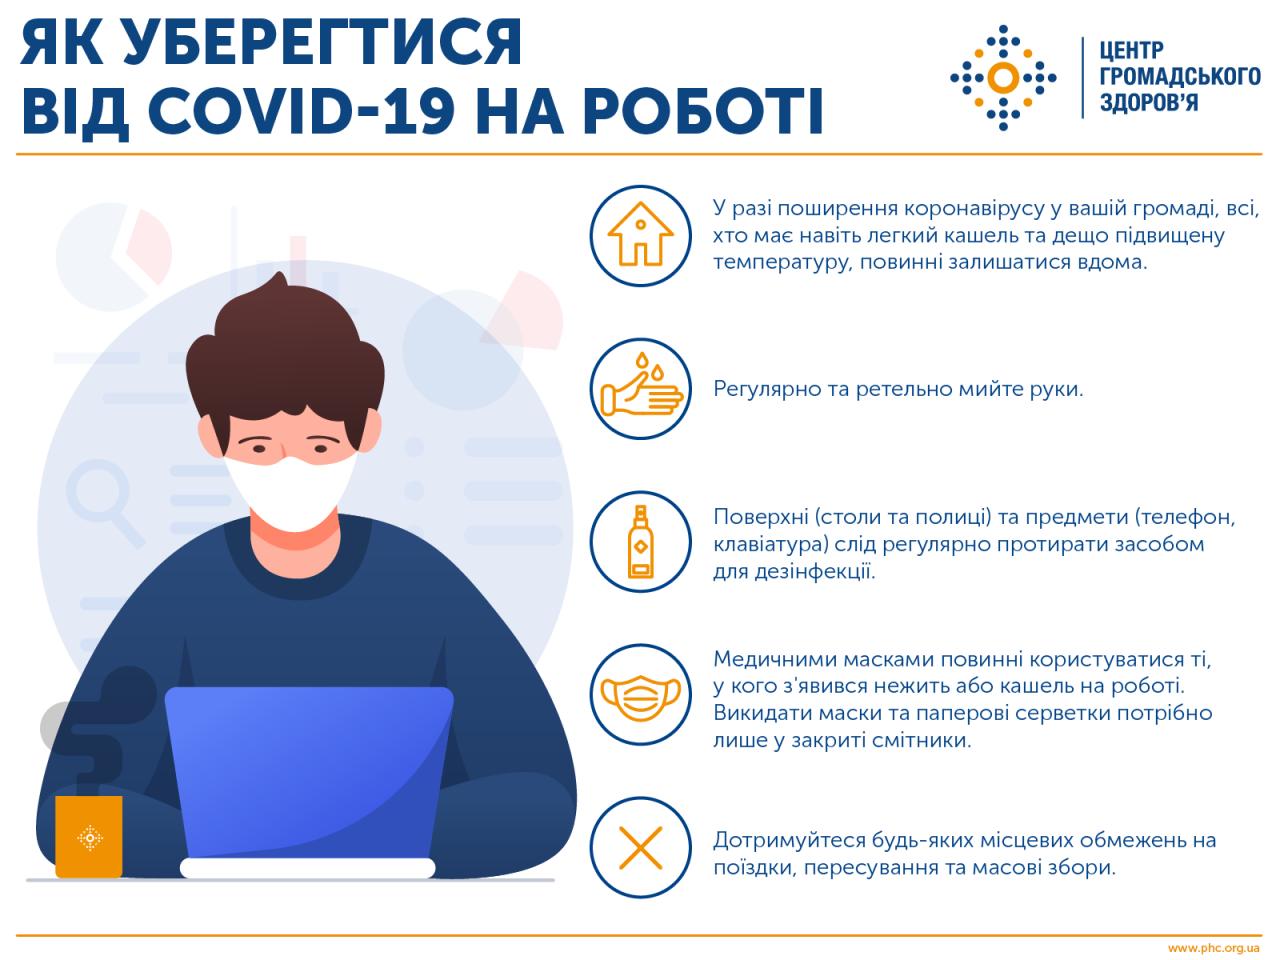 http://dunrada.gov.ua/uploadfile/archive_news/2020/03/16/2020-03-16_803/images/images-24595.png